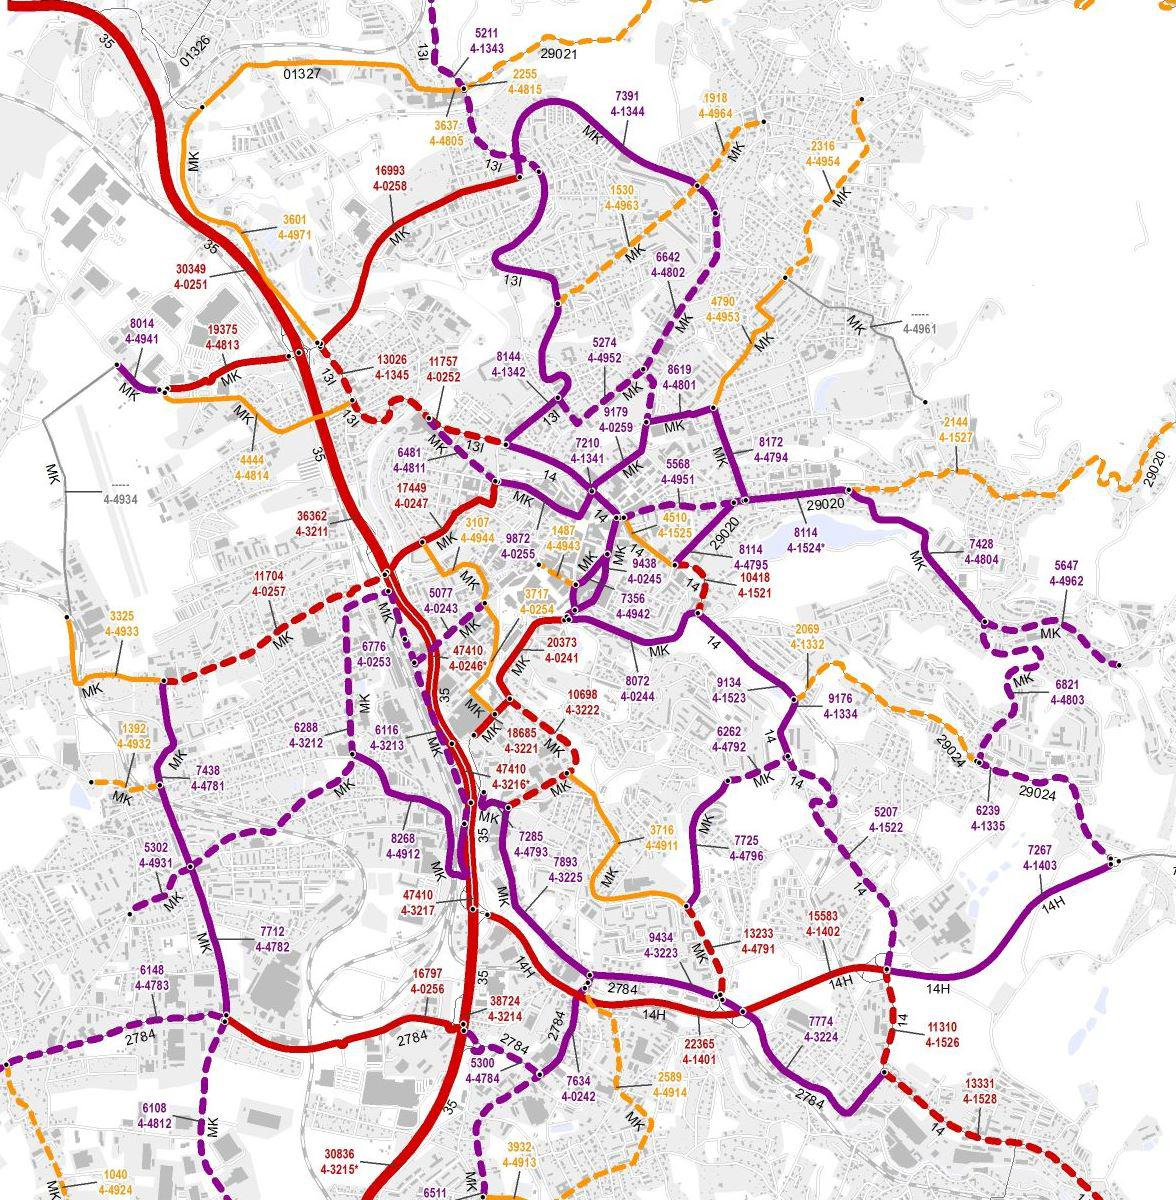 Průměrná dopravní intenzita v Liberci (2016)